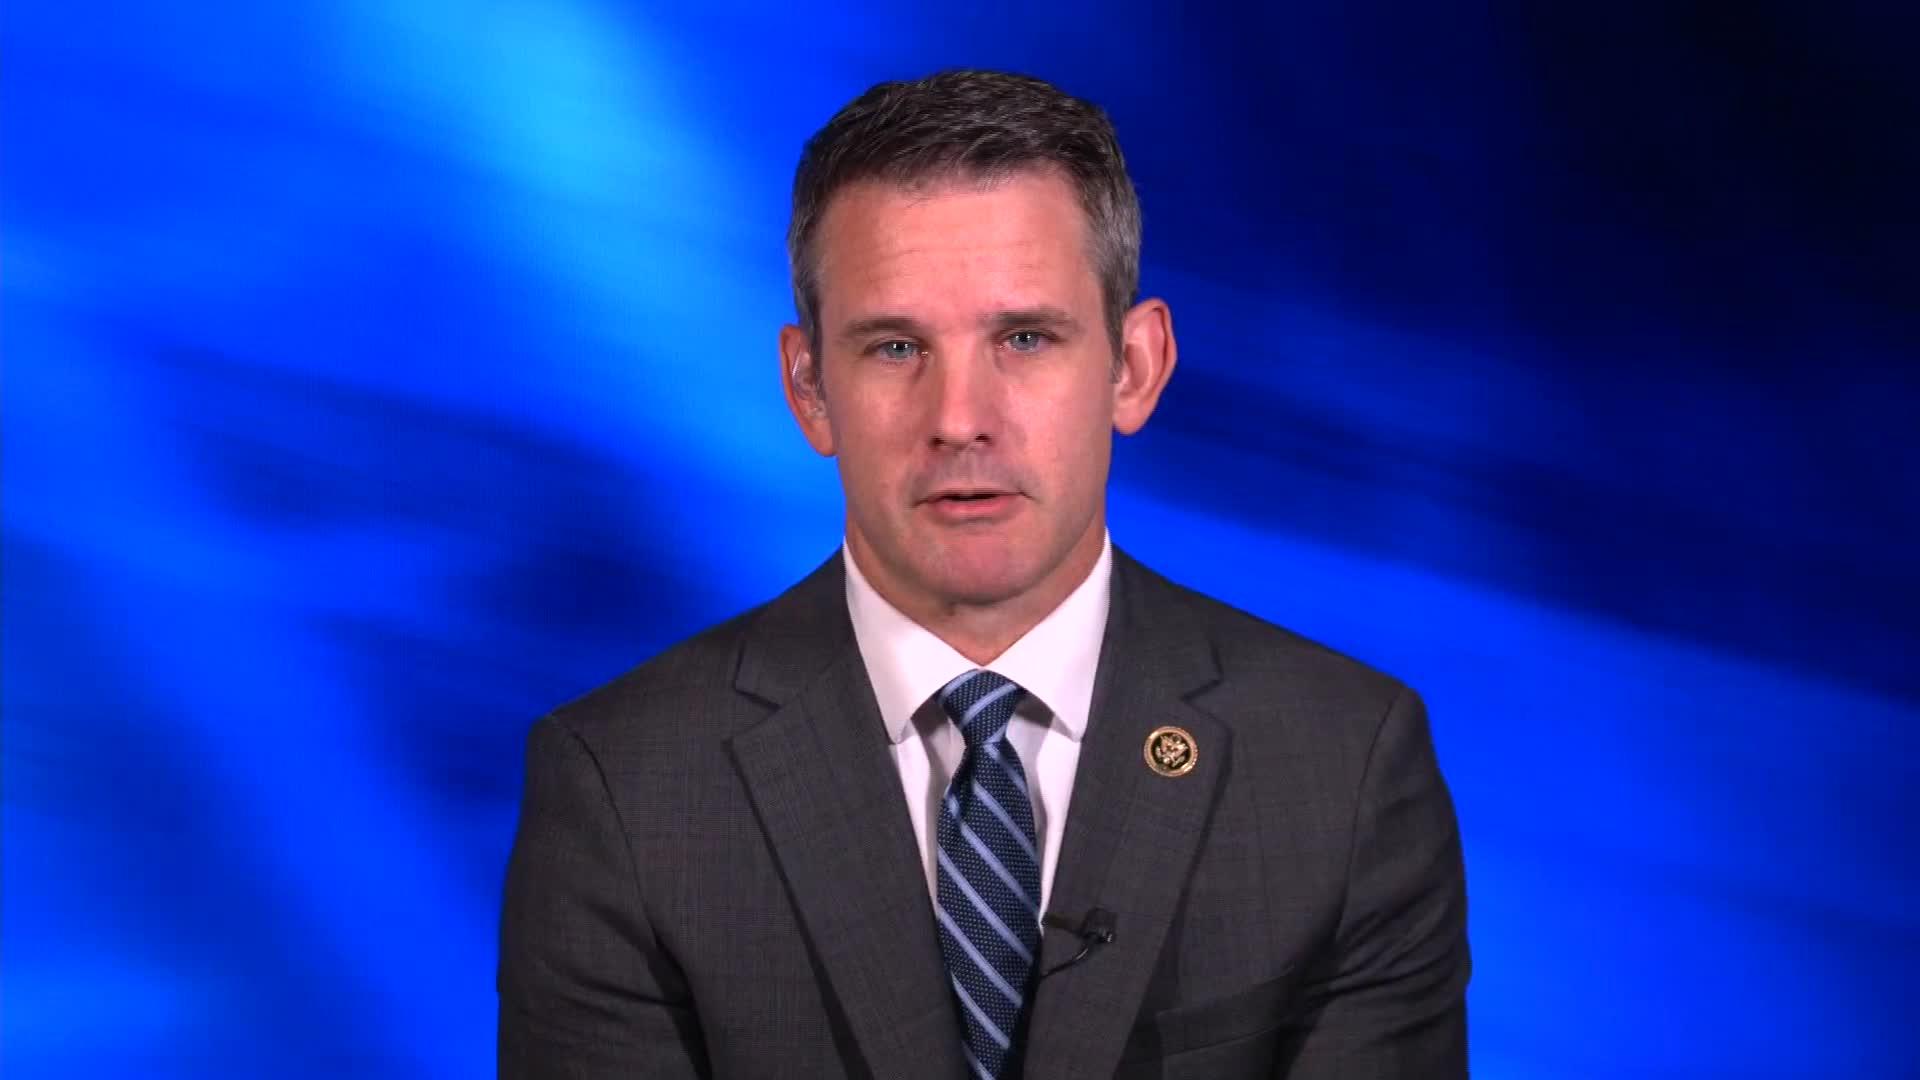 GOP congressman Adam Kinzinger takes a stand against QAnon - CNN Video